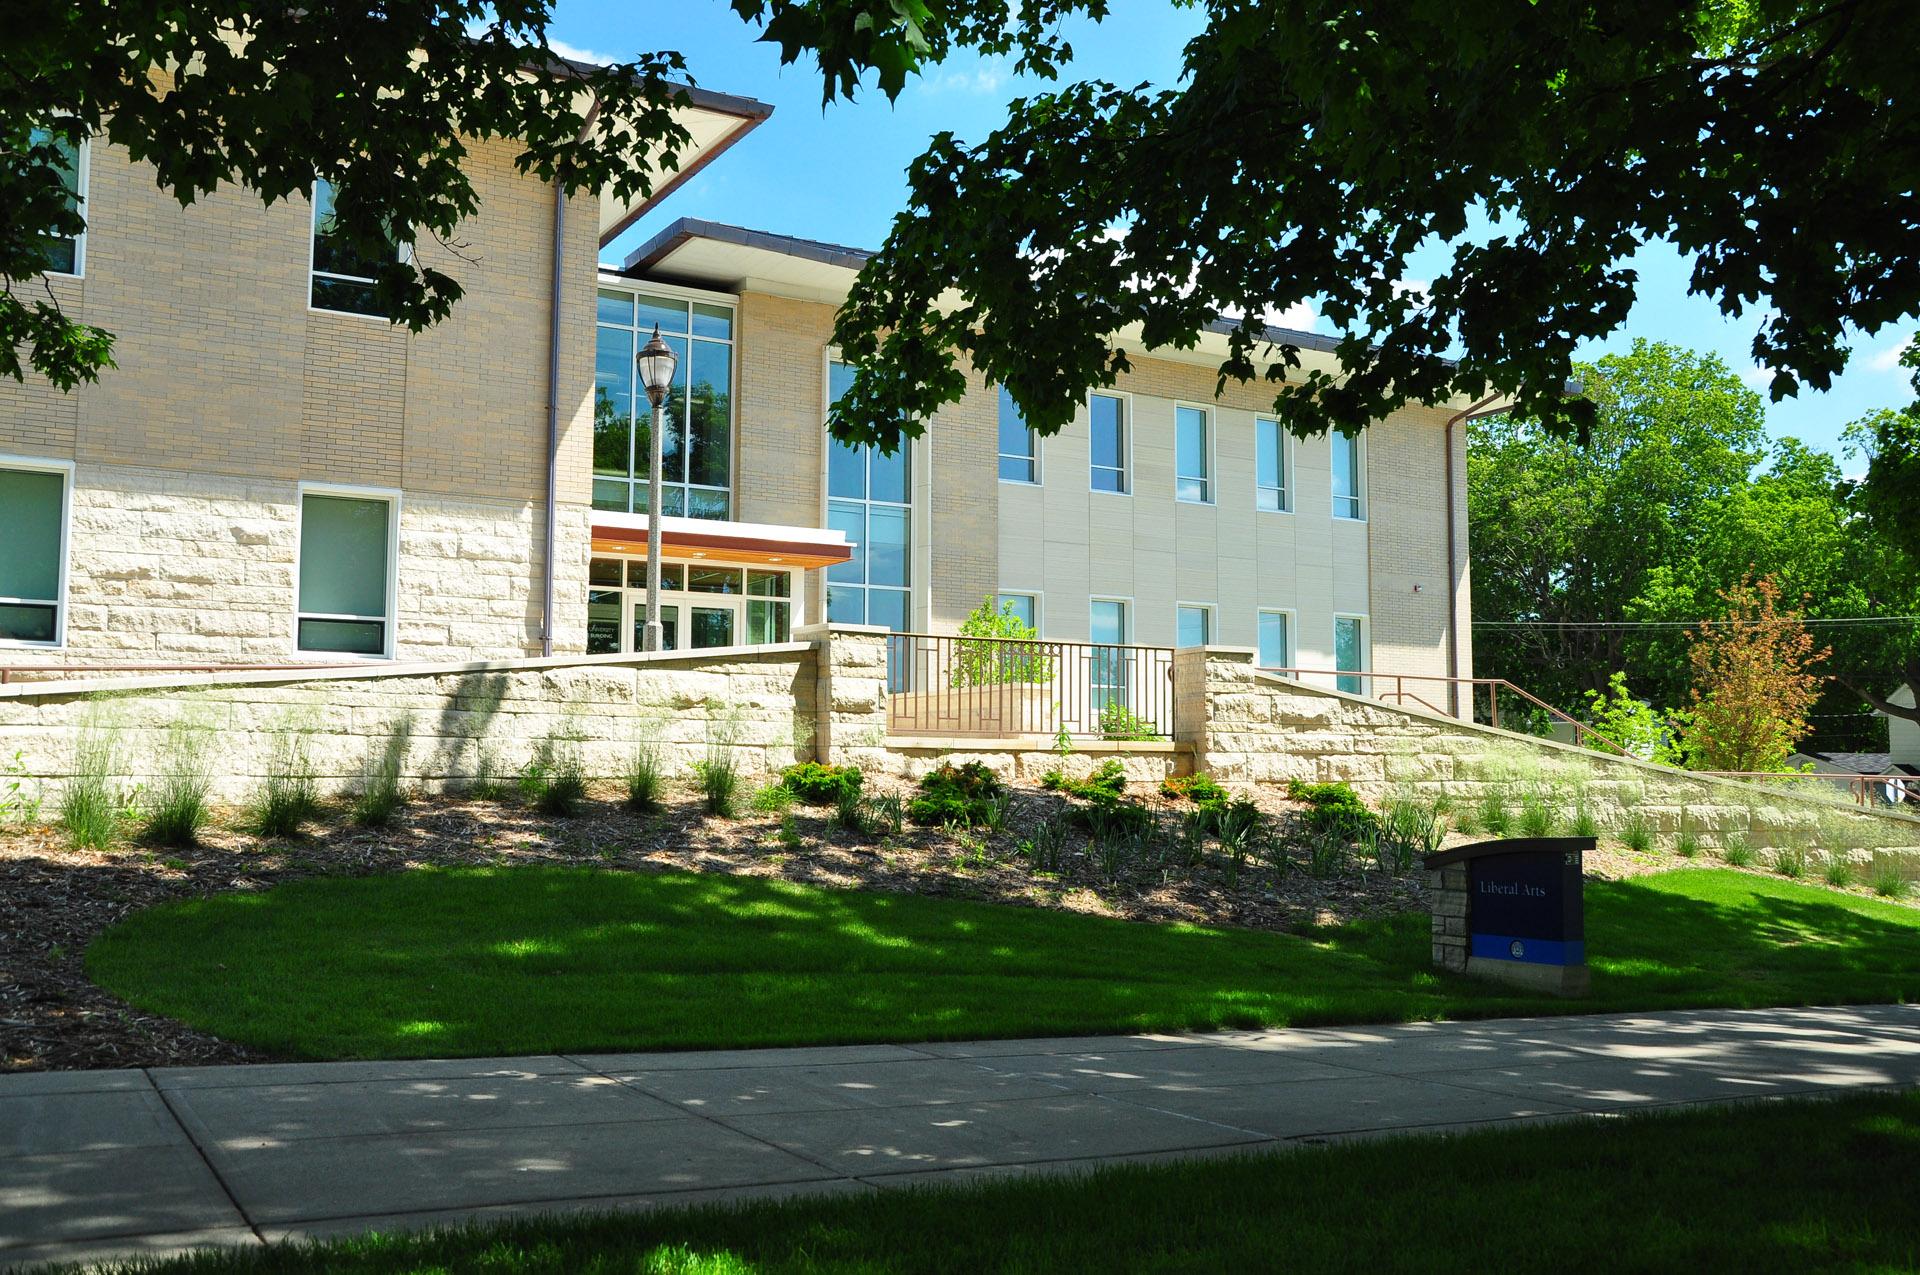 UIU Liberal Arts Building